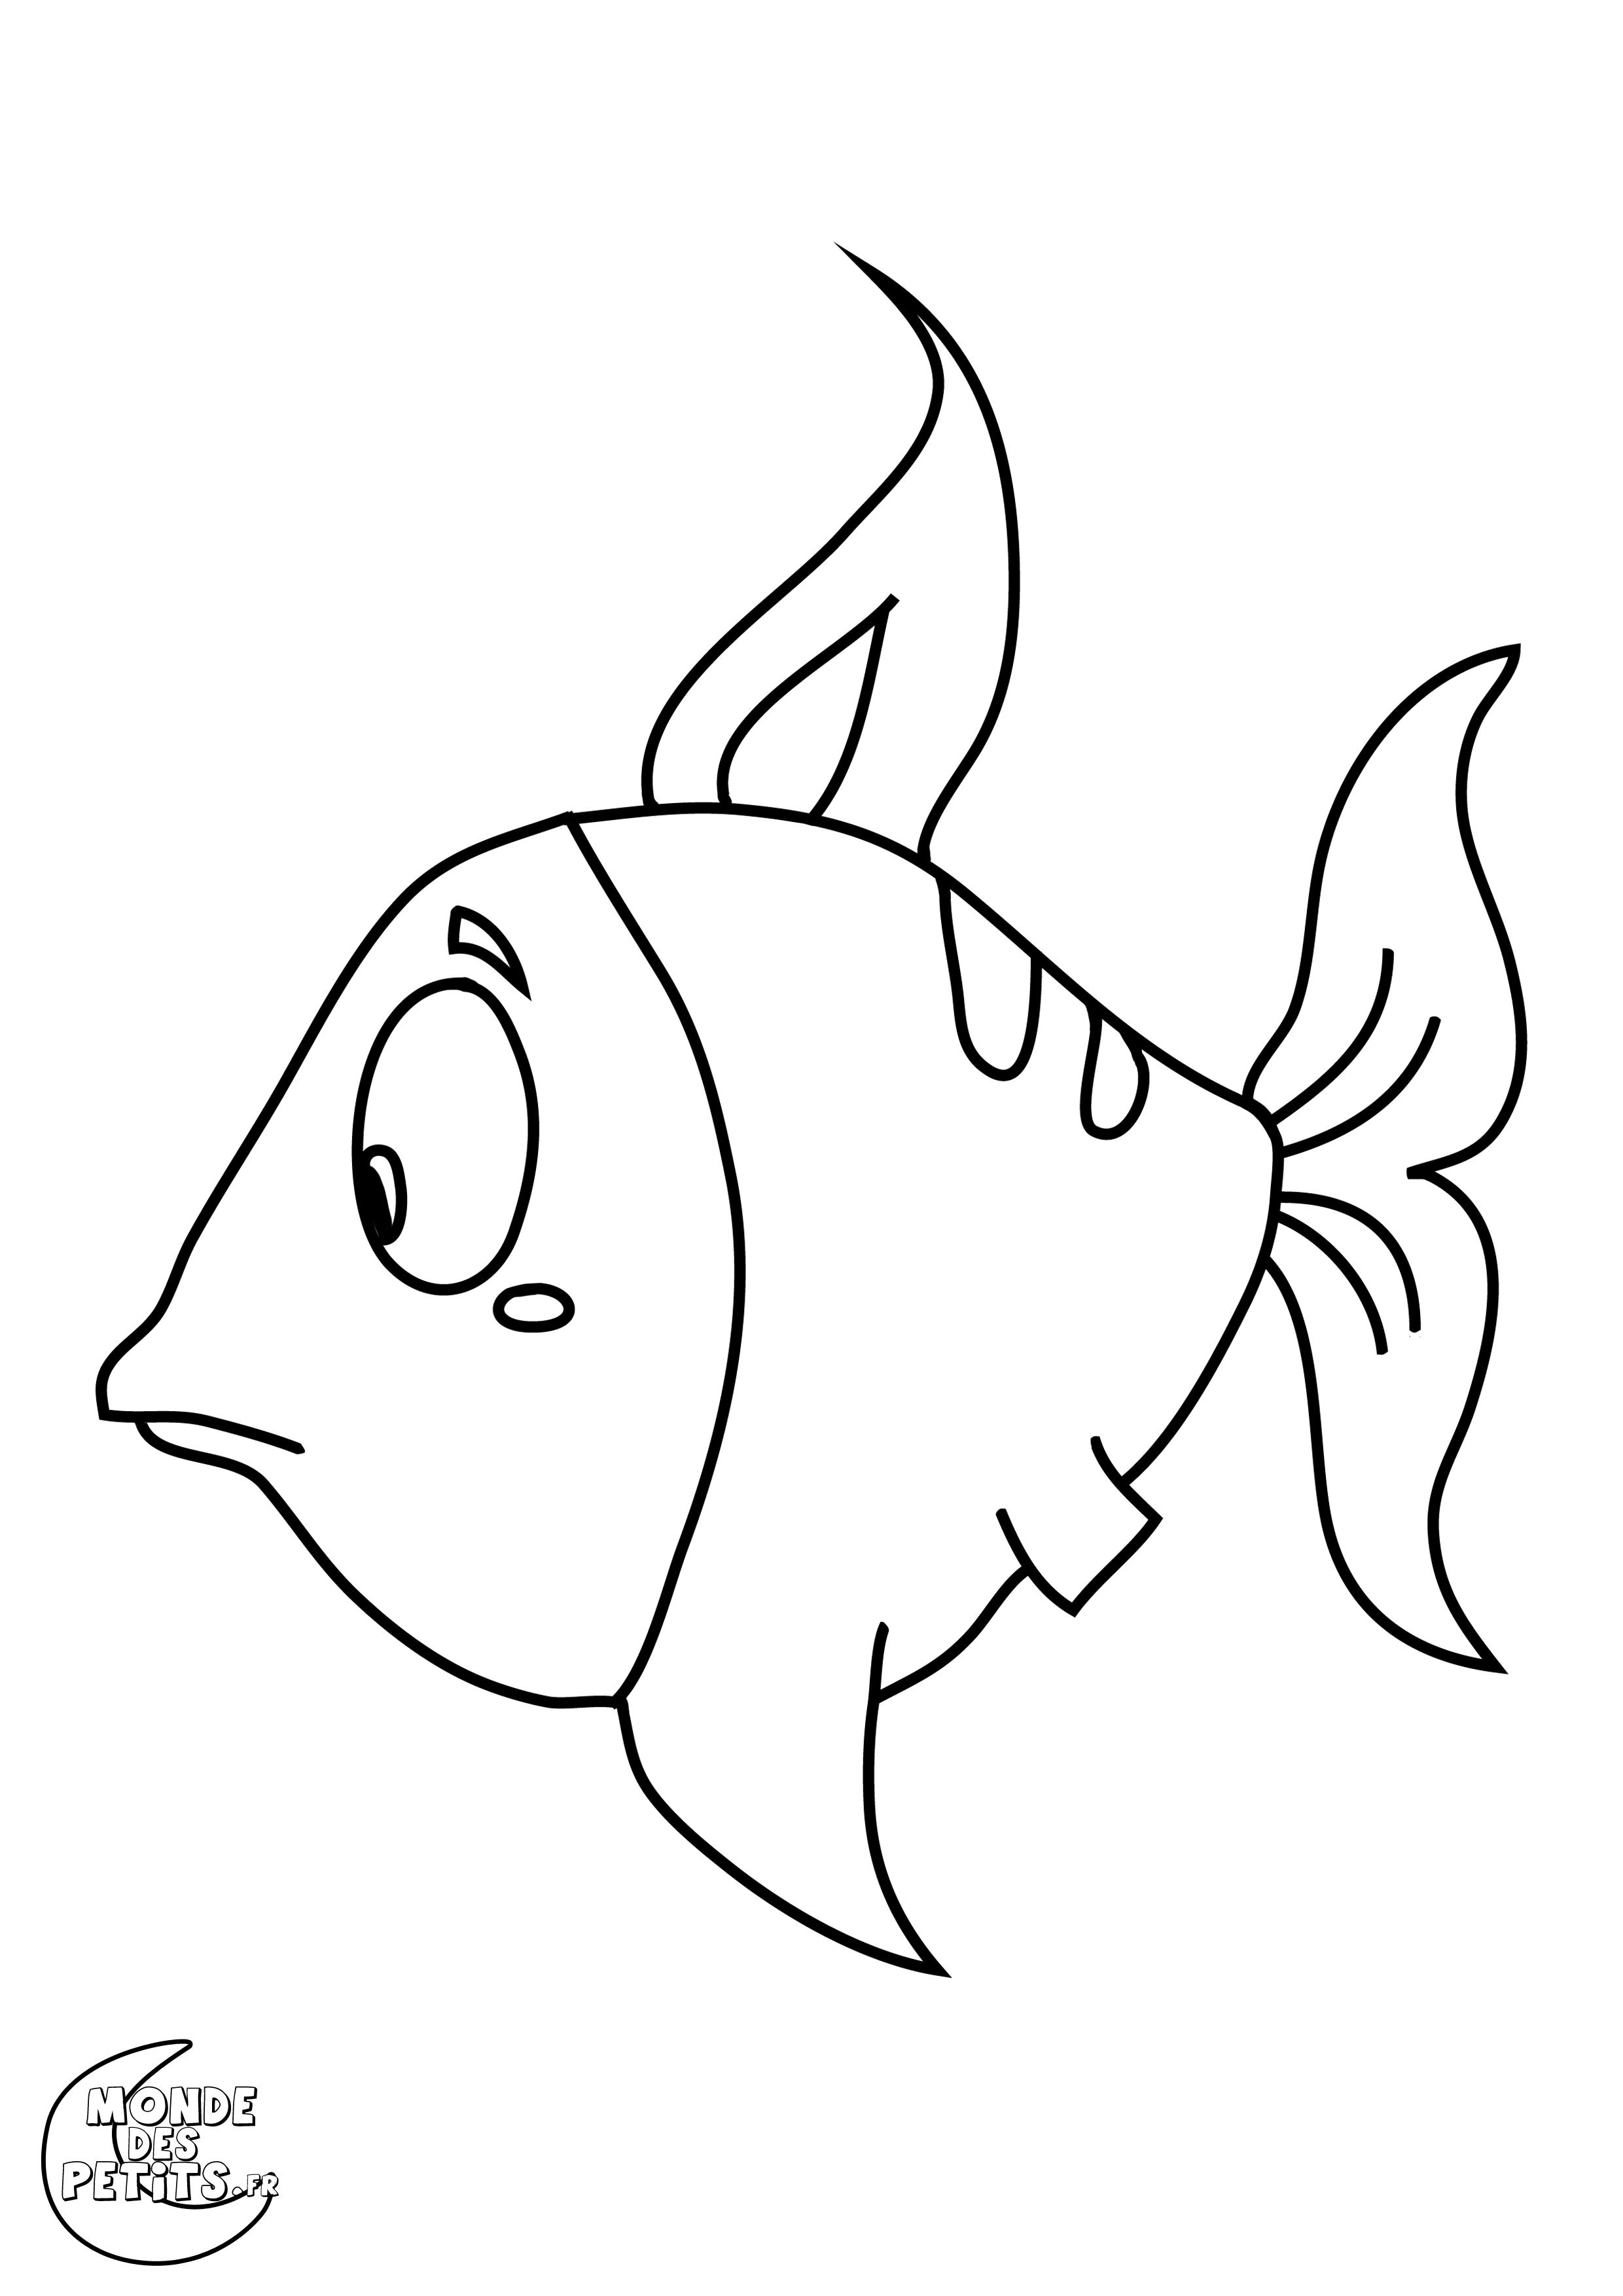 106 dessins de coloriage poisson imprimer sur laguerche - Image de poisson a imprimer ...